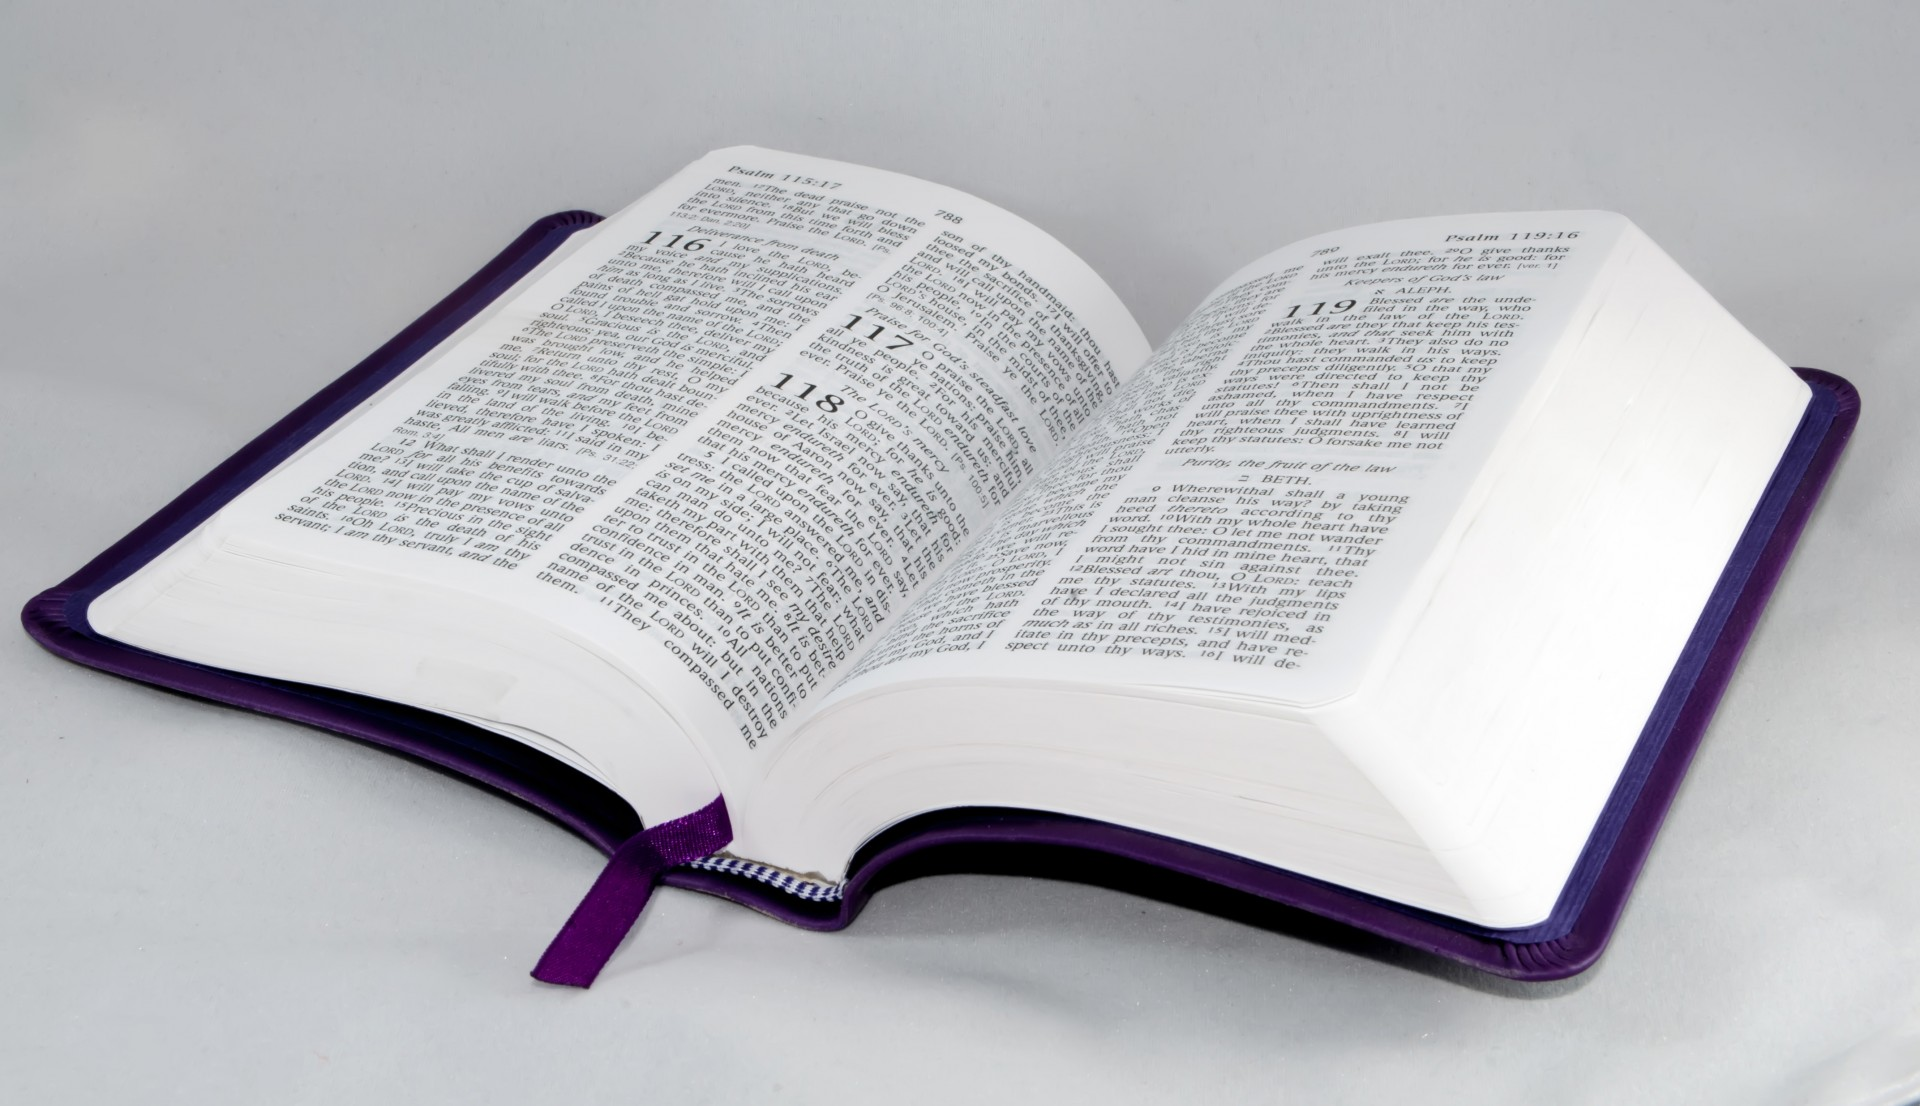 Bible Downloader - File Exchange - MATLAB Central